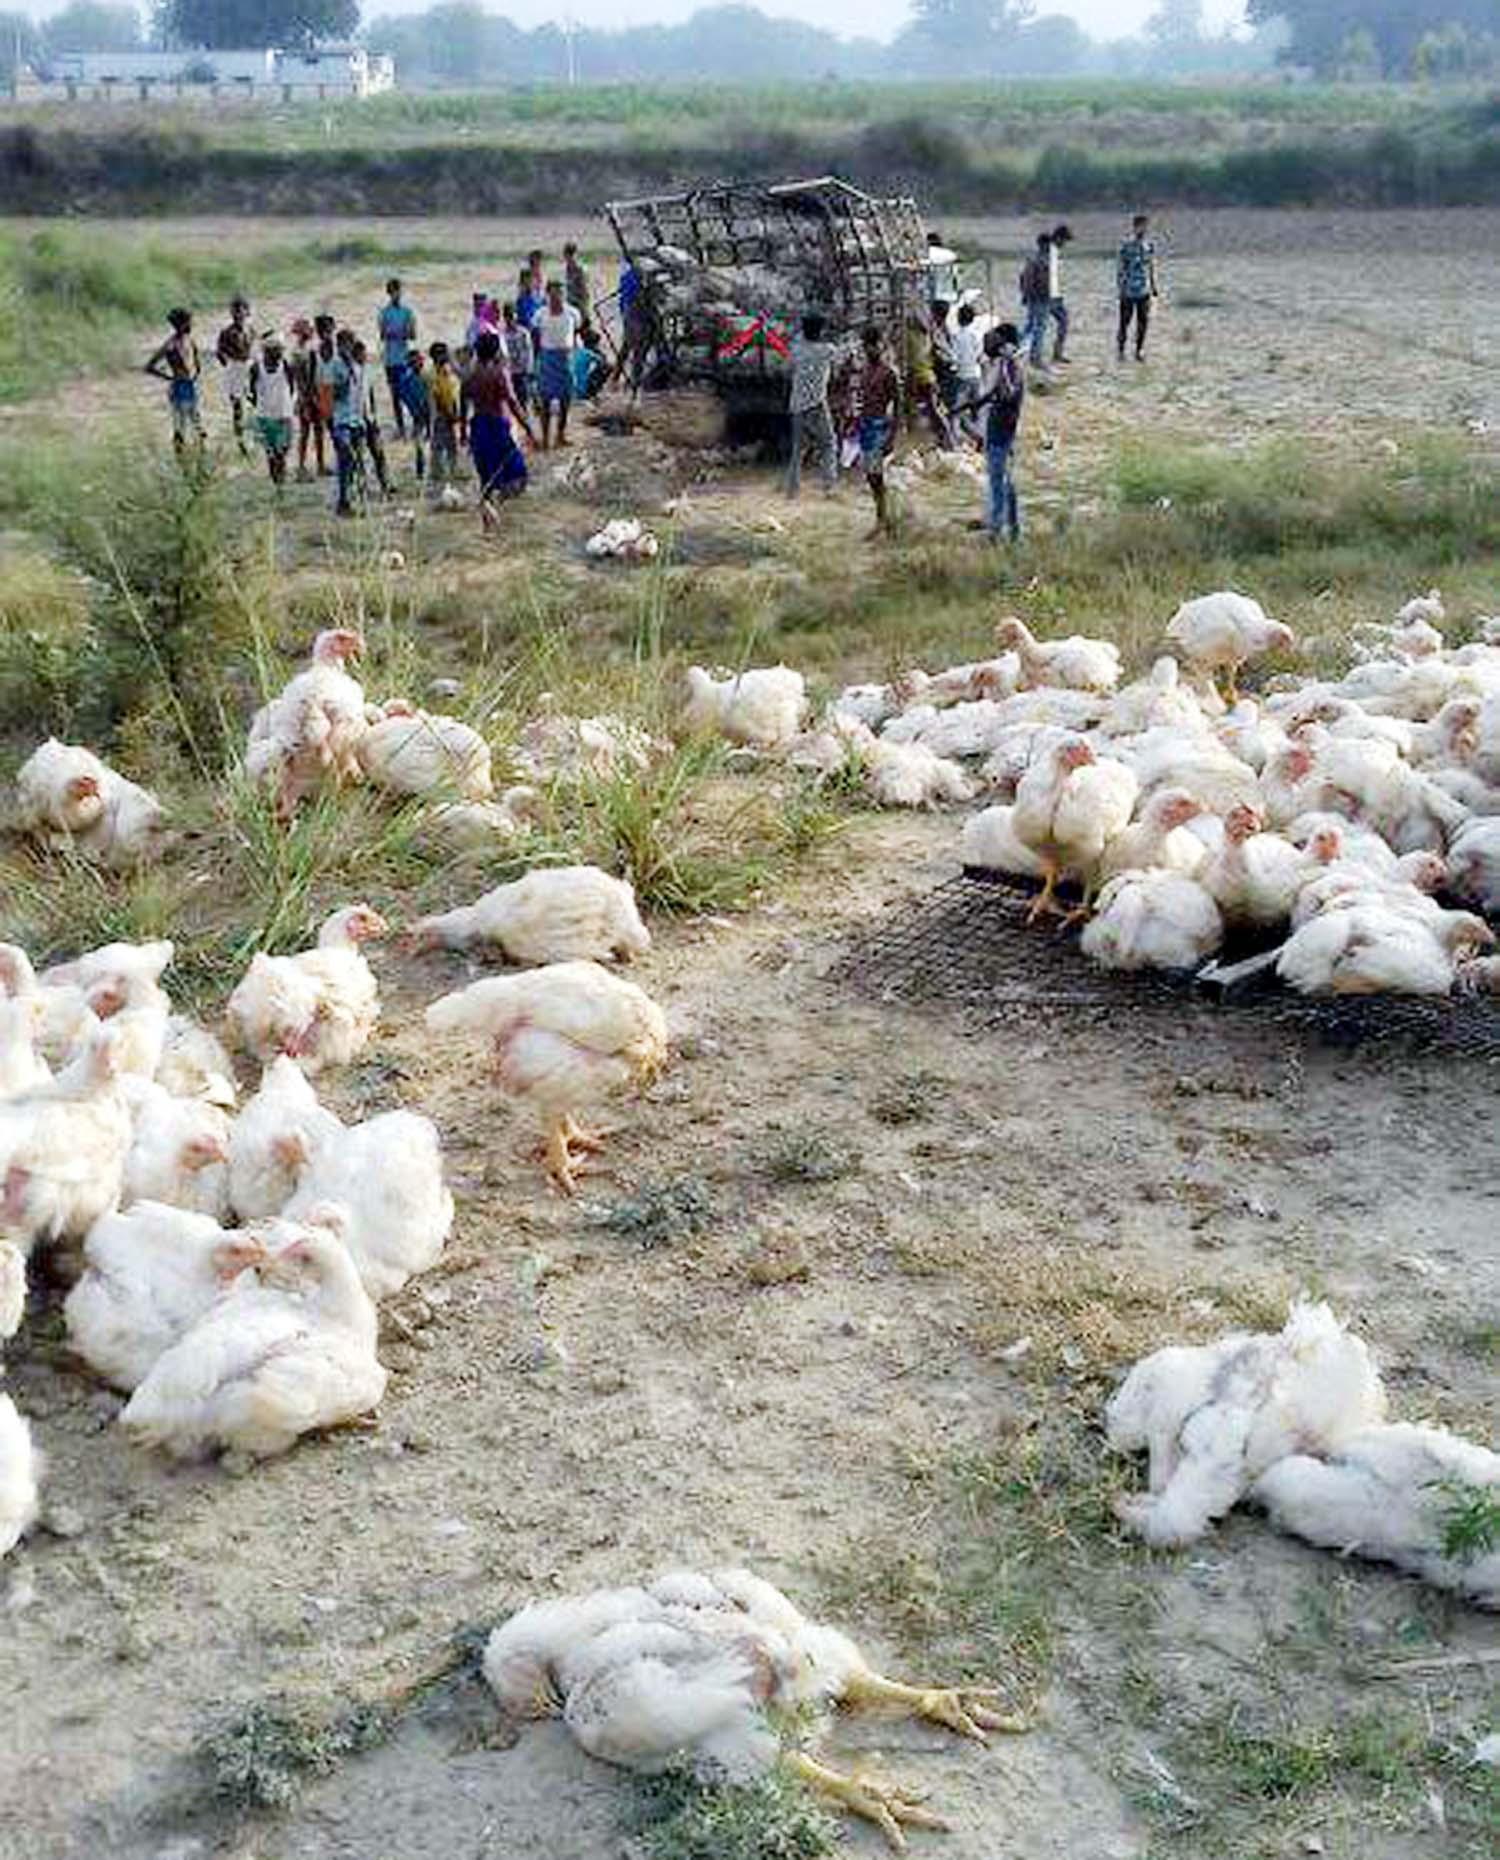 जौनपुर। मुर्गियों से भरी पिकप मंगलवार को अचानक पलट गयी जिसके चलते सैकड़ों मुर्गियां मर गयीं। जानकारी के अनुसार मंगलवार को तड़के लगभग  साढ़े 6 बजे बक्सा थाना क्षेत्र के बरारी गांव में सुल्तानपुर से जौनपुर की तरफ मुर्गियों से भरी पिकप नम्बर यूपी 44 टी 8876 अचानक पलट गयी। यह हादसा चालक को नींद आने से हुआ है जिसमें उसका दाहिना हाथ टूट गया। हादसे को देख मौके पर जुटे लोगों ने एम्बुलेंस बुलवाकर घायल चालक को उपचार हेतु स्थानीय सरकारी अस्पताल भिजवाया। वहीं इस हादसे में सैकड़ों मुर्गियों की दबने से मौत हो गयी।